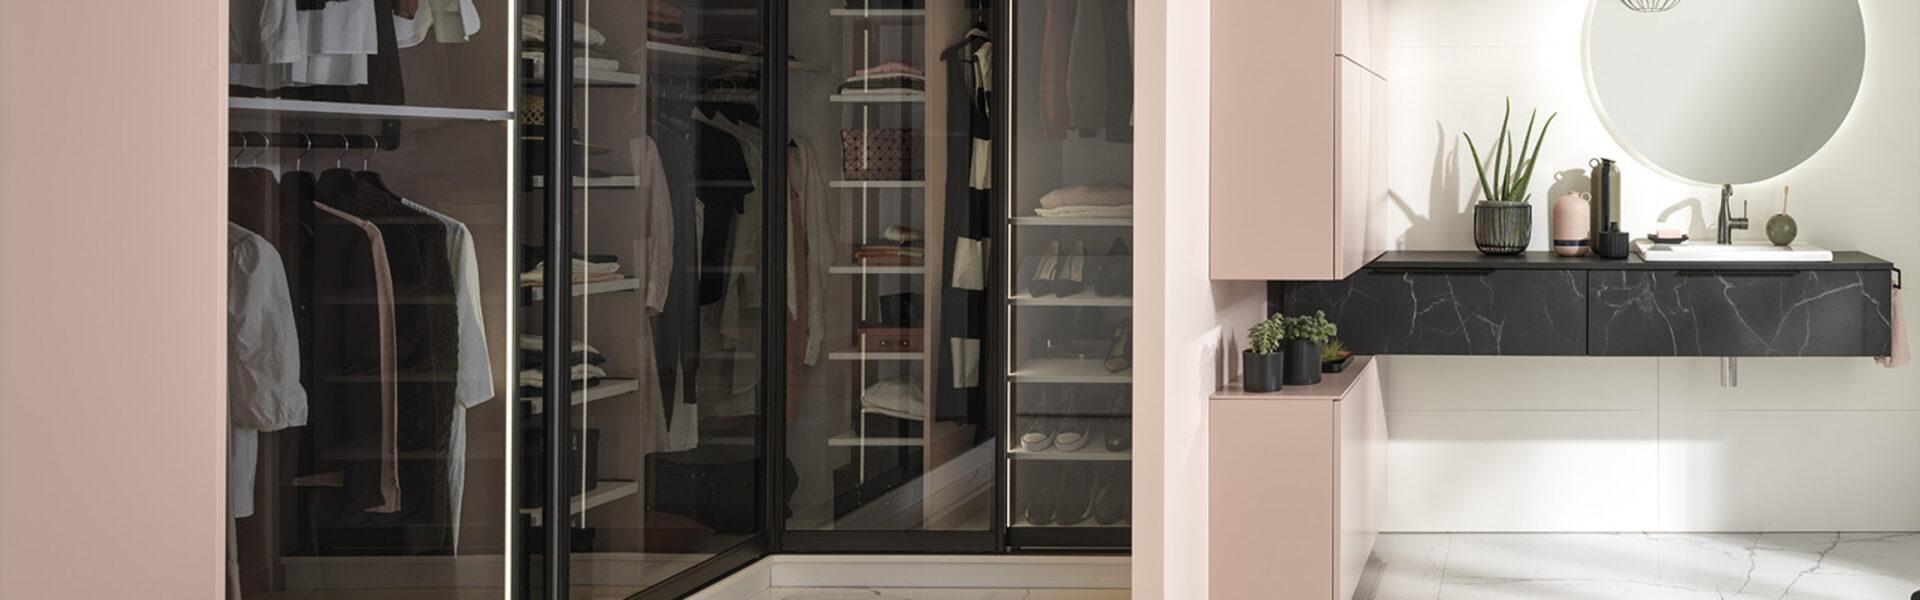 Garderobe skab med glaslåger